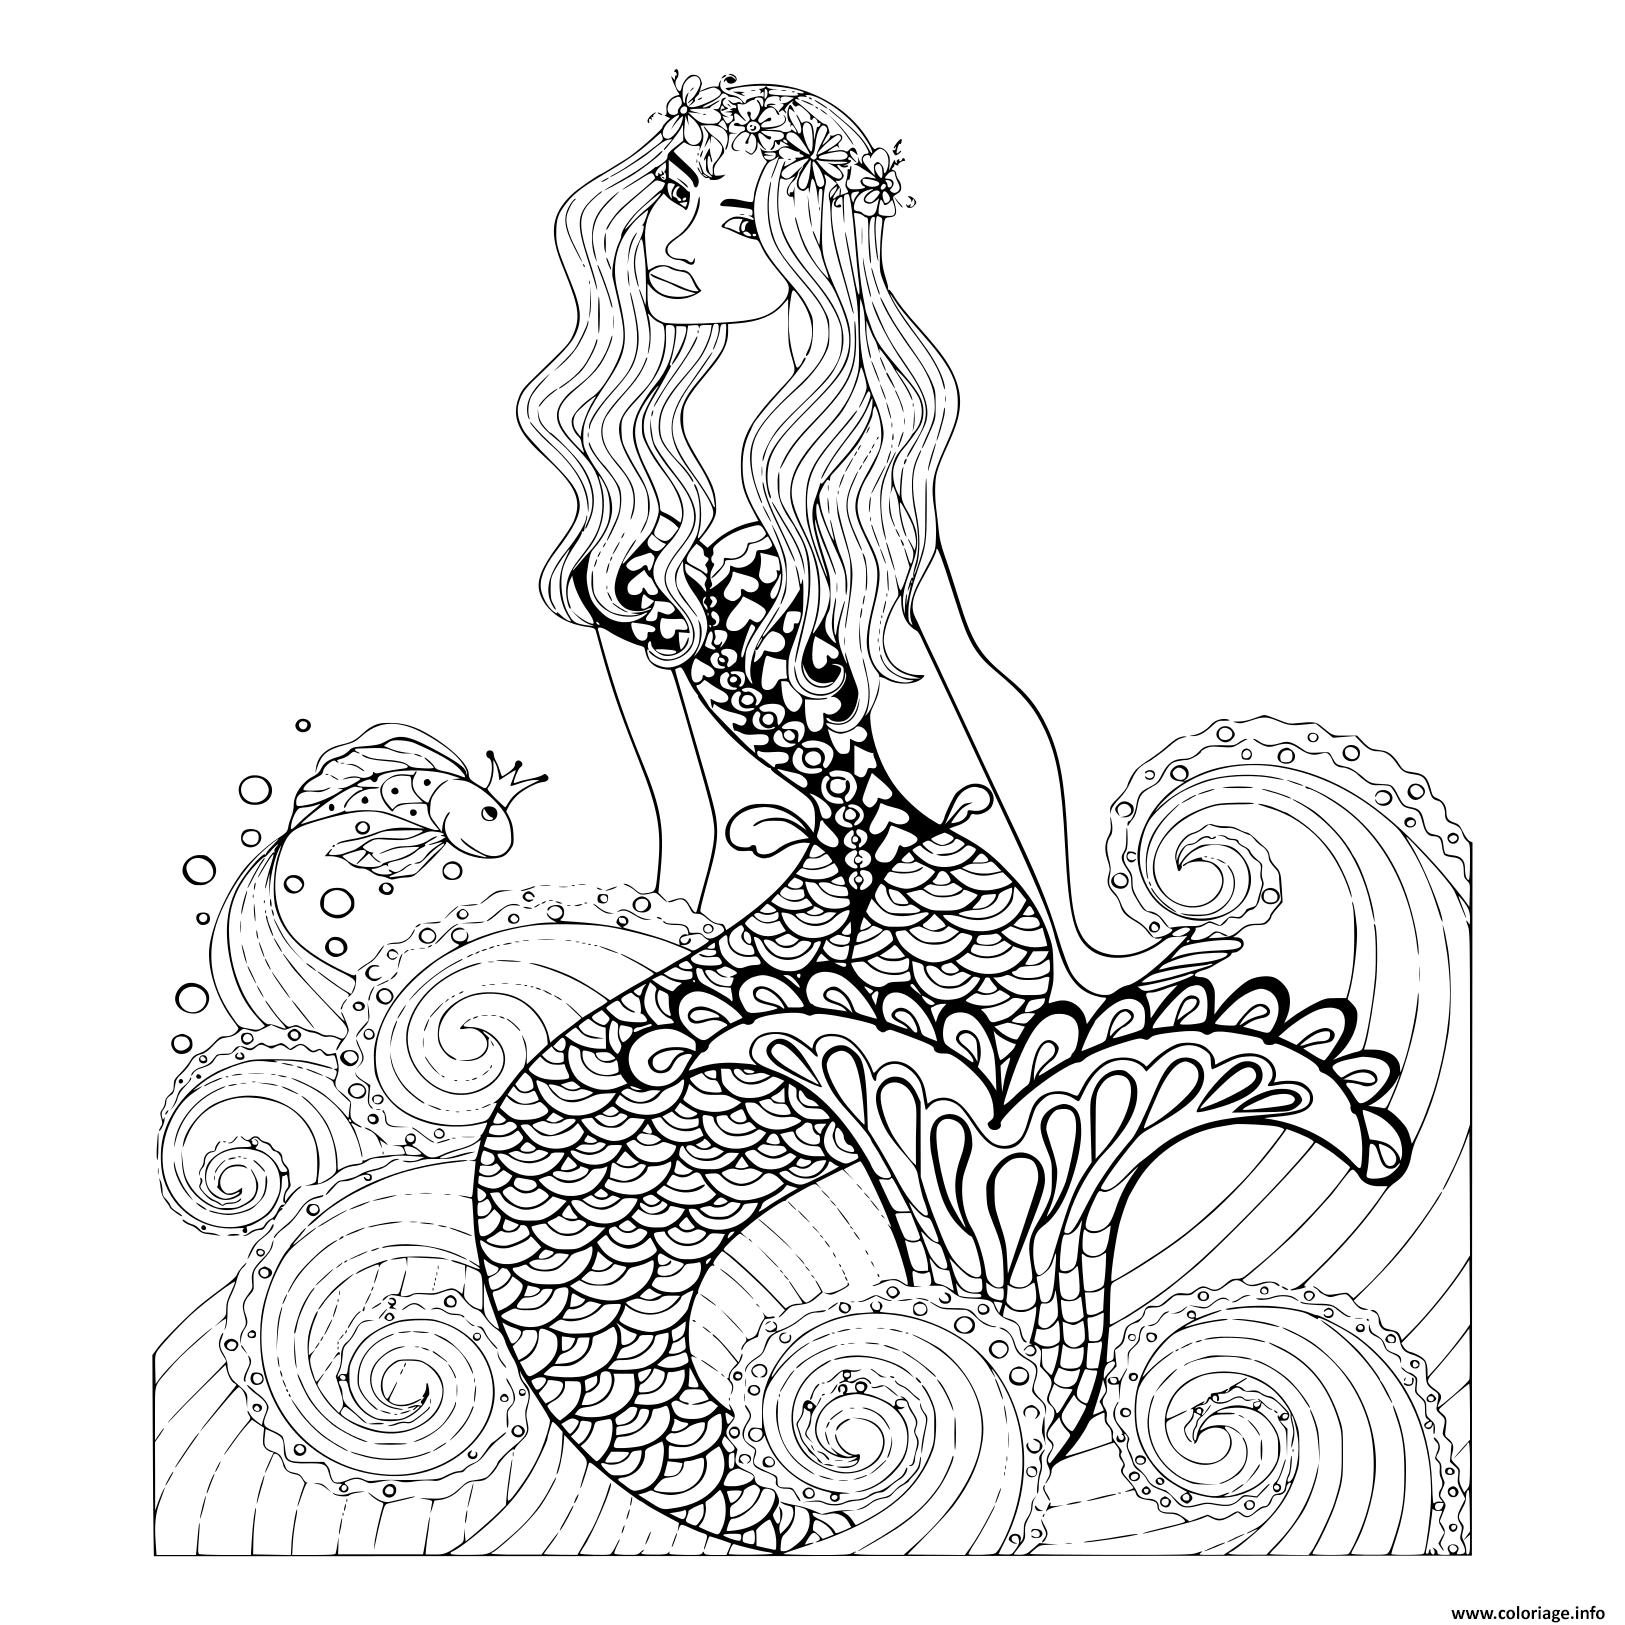 Coloriage Fantastique Sirene Vagues De Mer Avec Un Poisson concernant Dessin De Vague A Imprimer